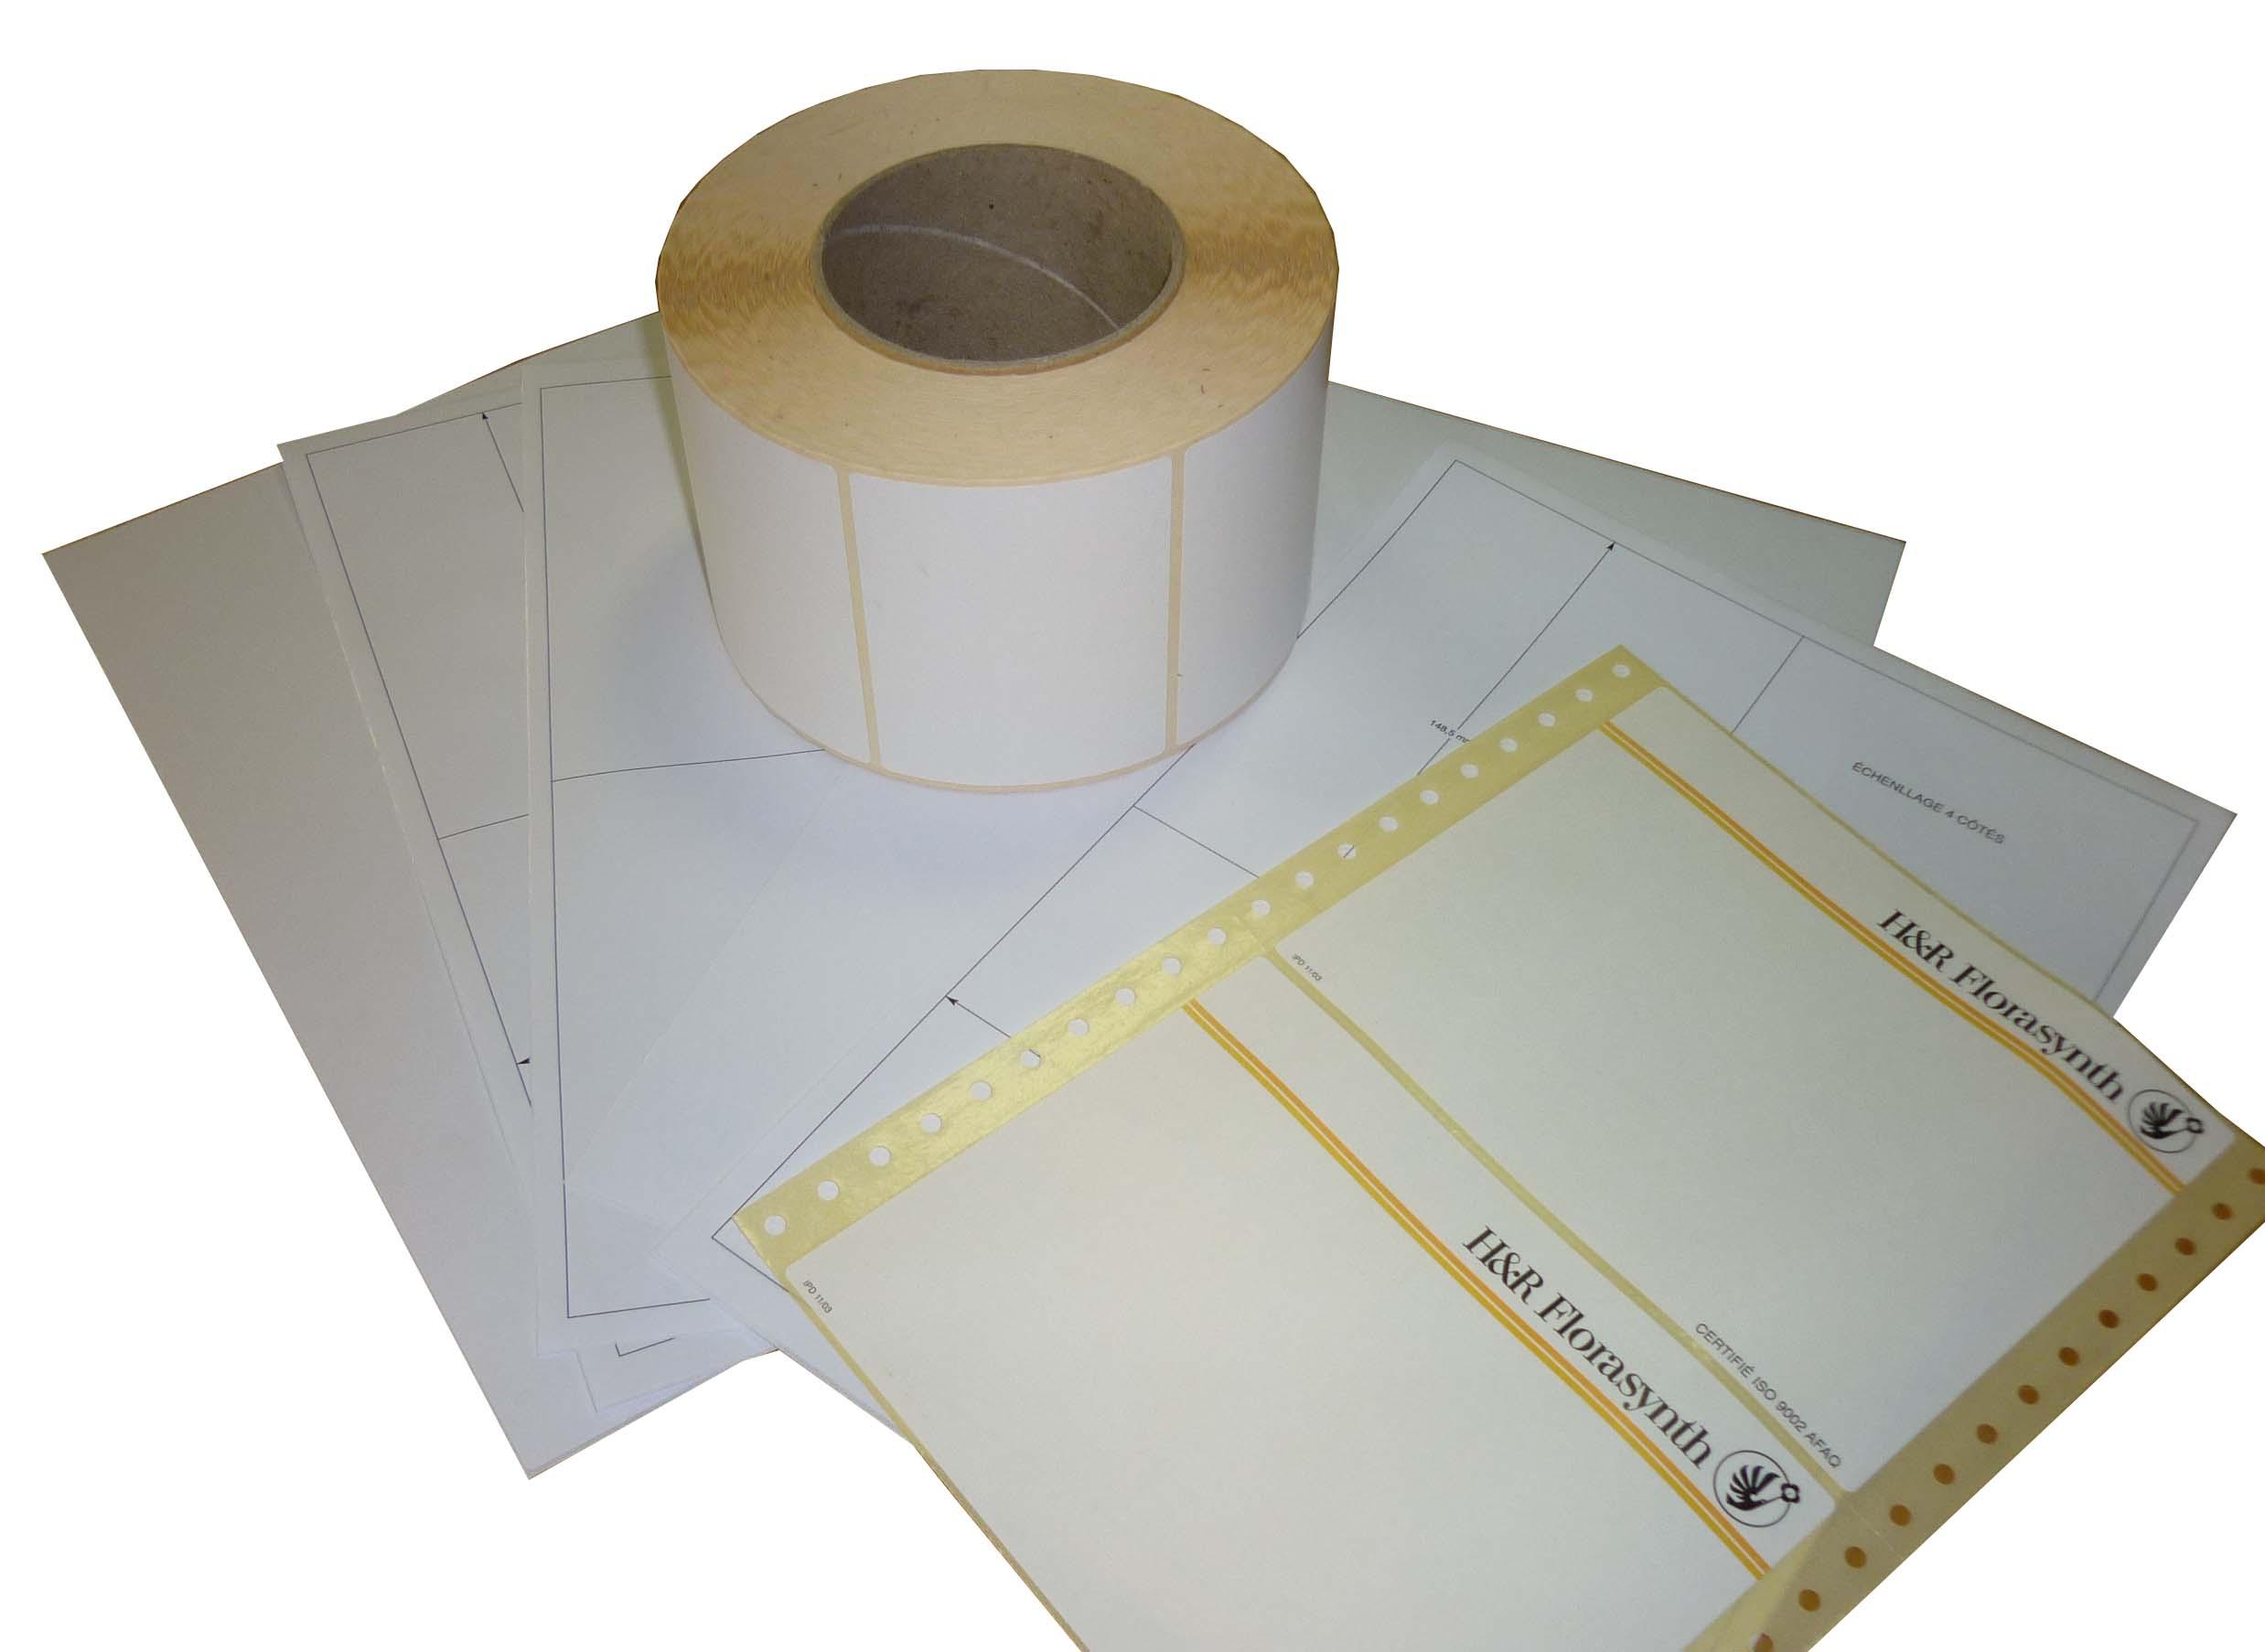 Etiquettes adhesives tous les fournisseurs etiquettes adhesives etiquette autocollante - Astuce pour enlever etiquette autocollante ...